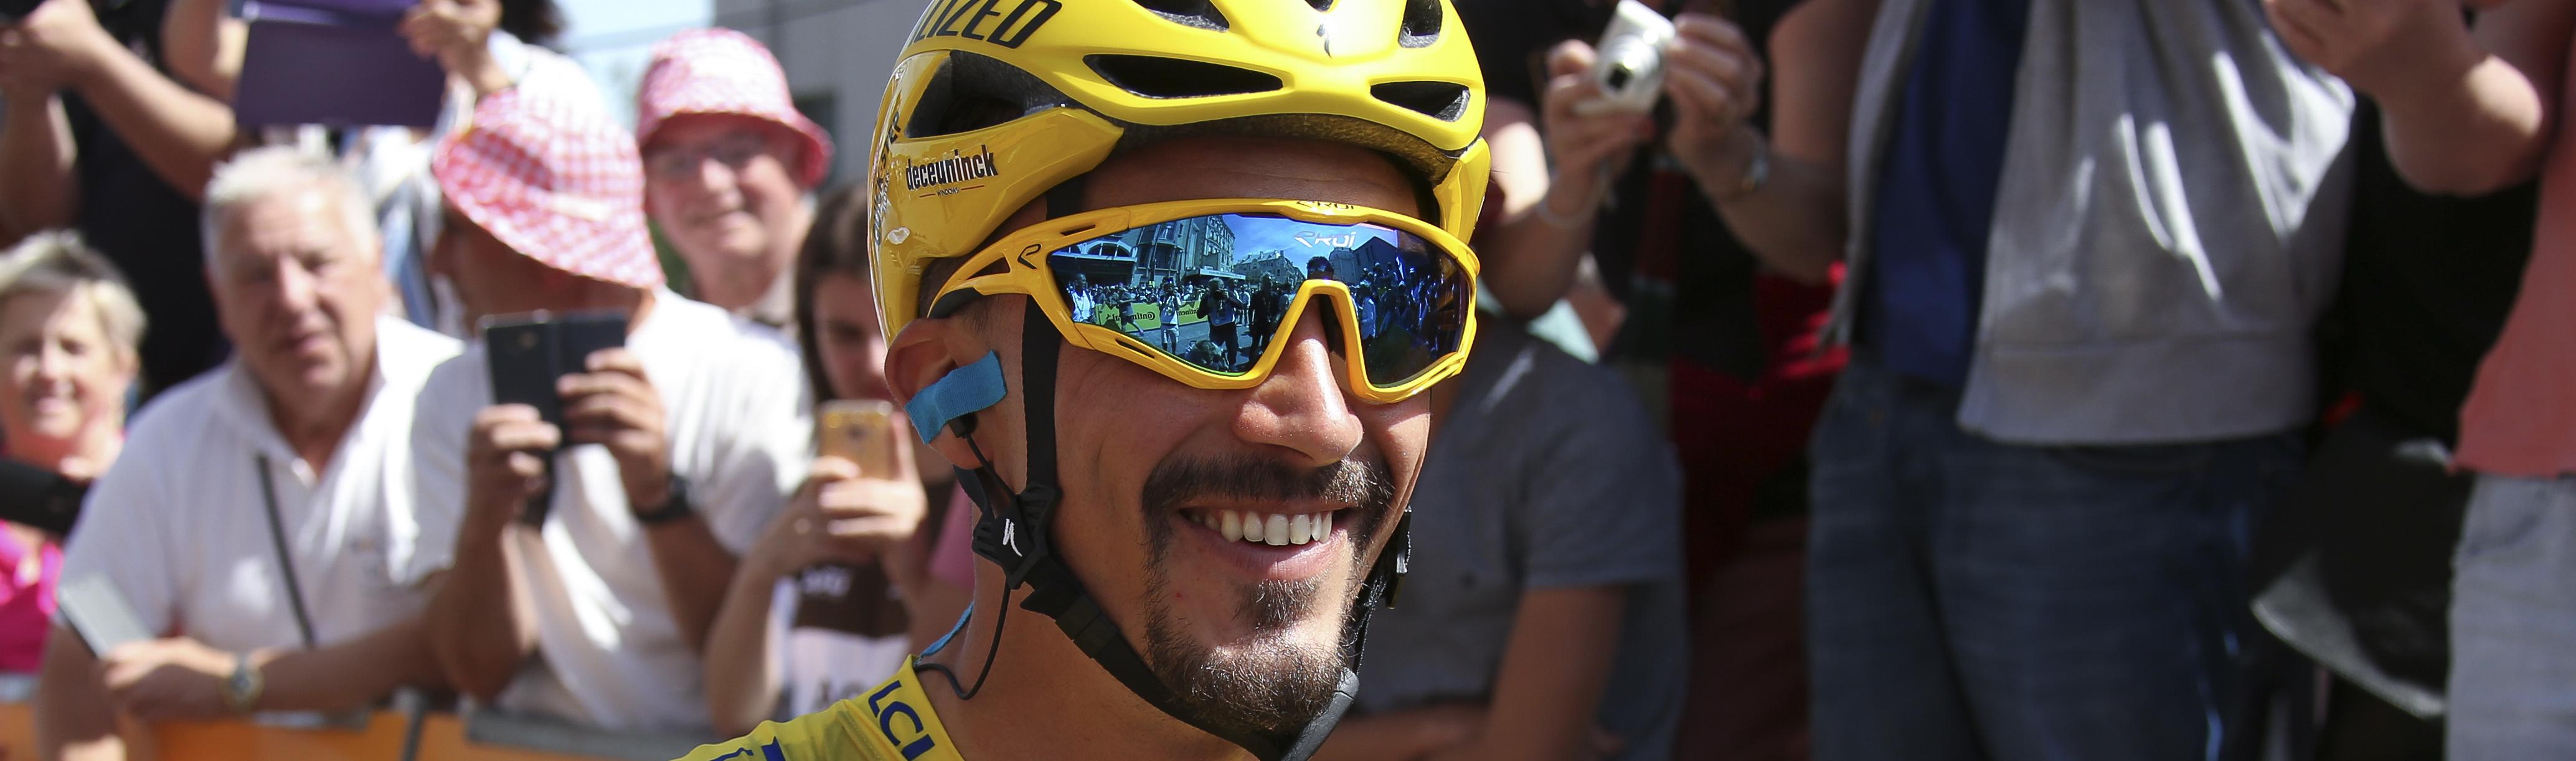 Tour de France 2019, quinta tappa: ancora un percorso da classica per Alaphilippe & co